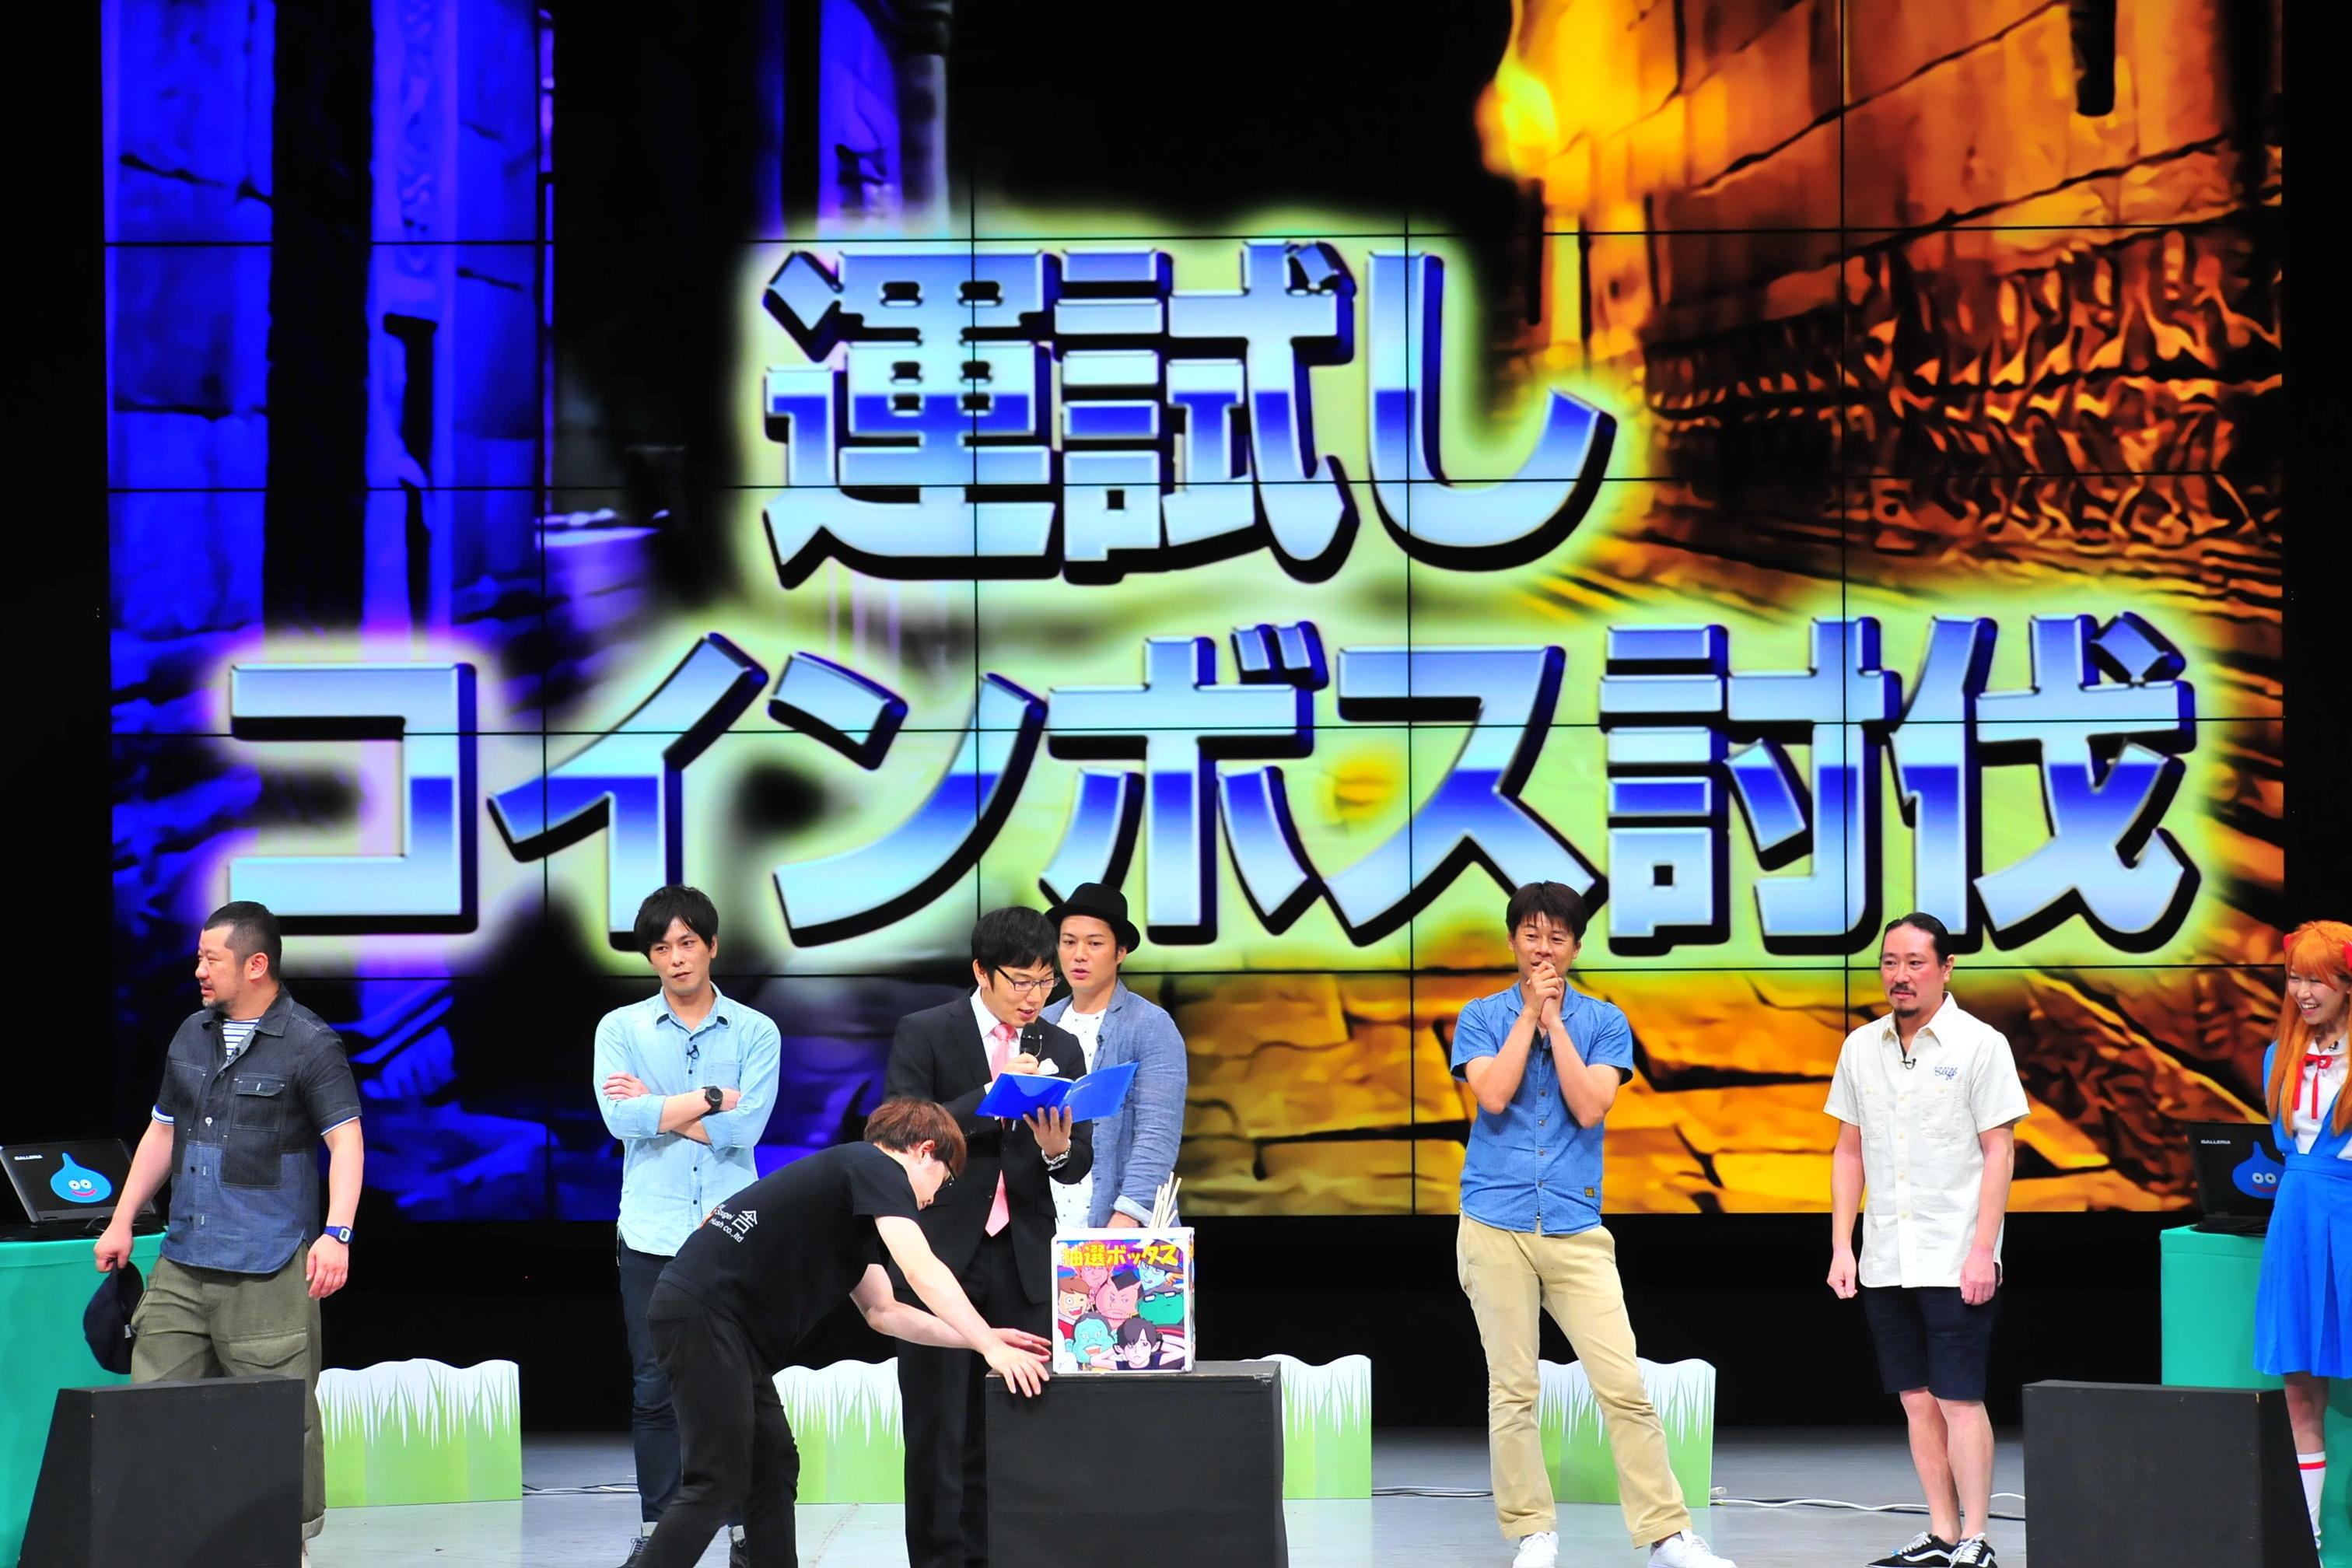 http://news.yoshimoto.co.jp/20160613094130-0f5c69395abd3ebce01c7a809c69a4d8960bc7c6.jpg